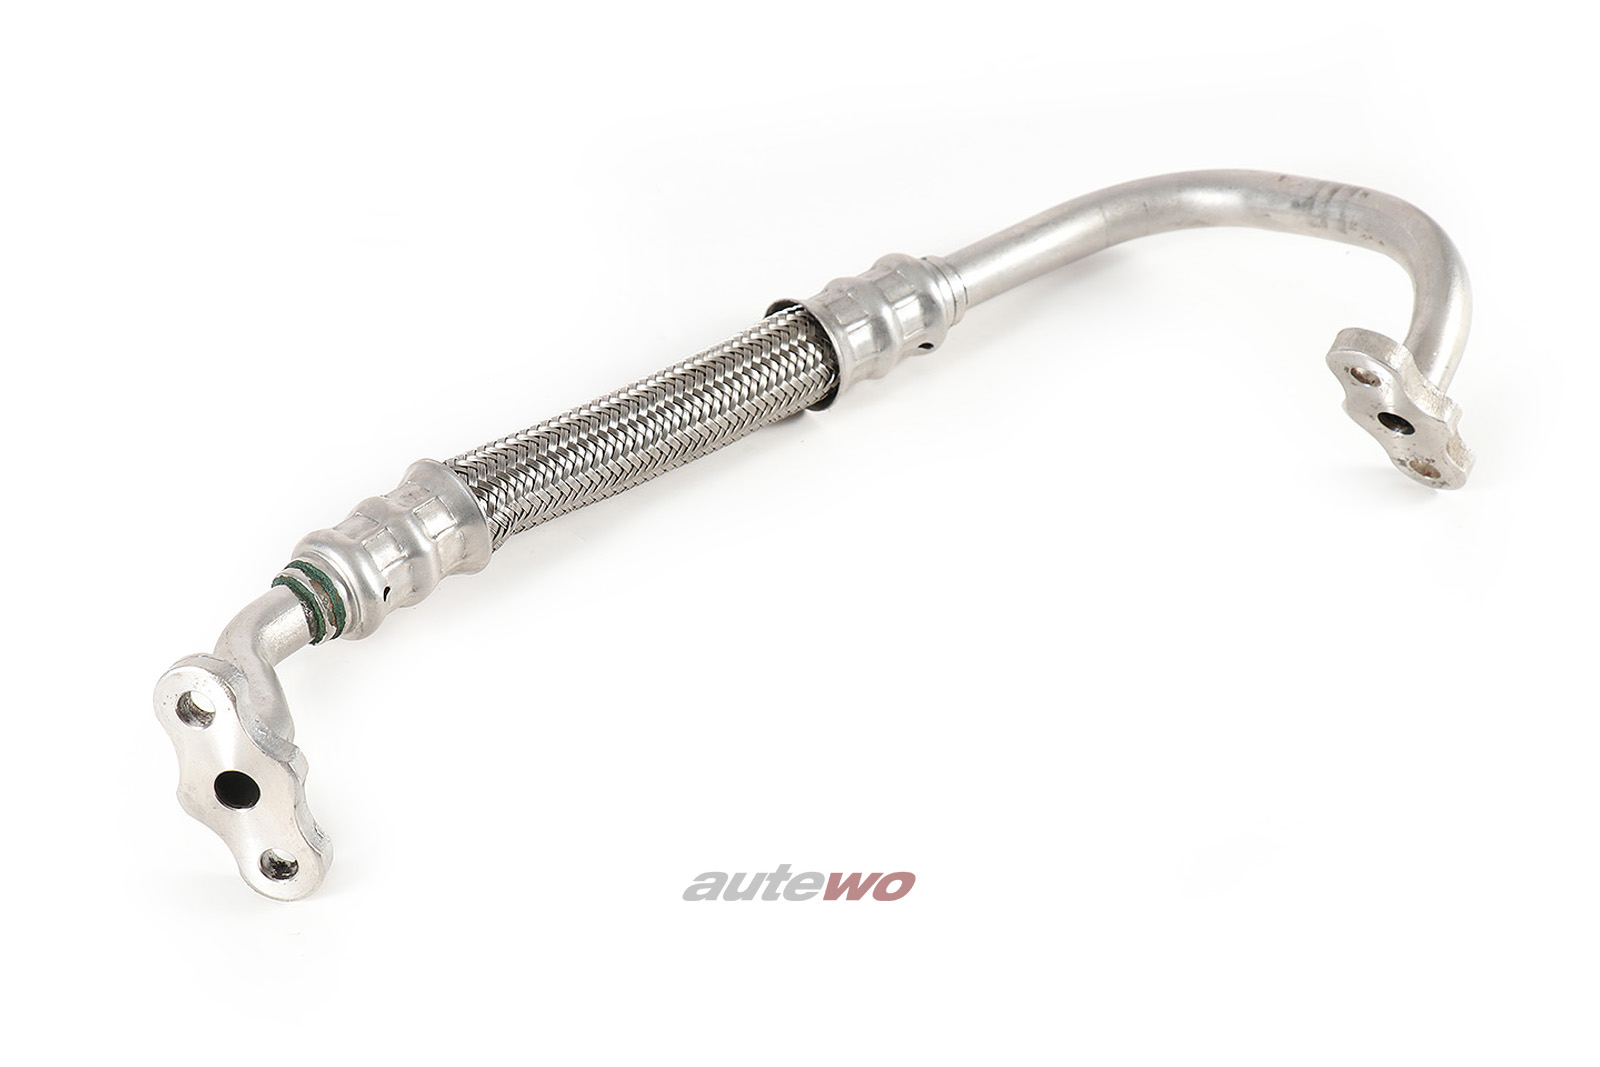 034145771B Audi S2 Coupe/S4/S6 C4 2.2l Turbolader Öl-Vorlaufleitung